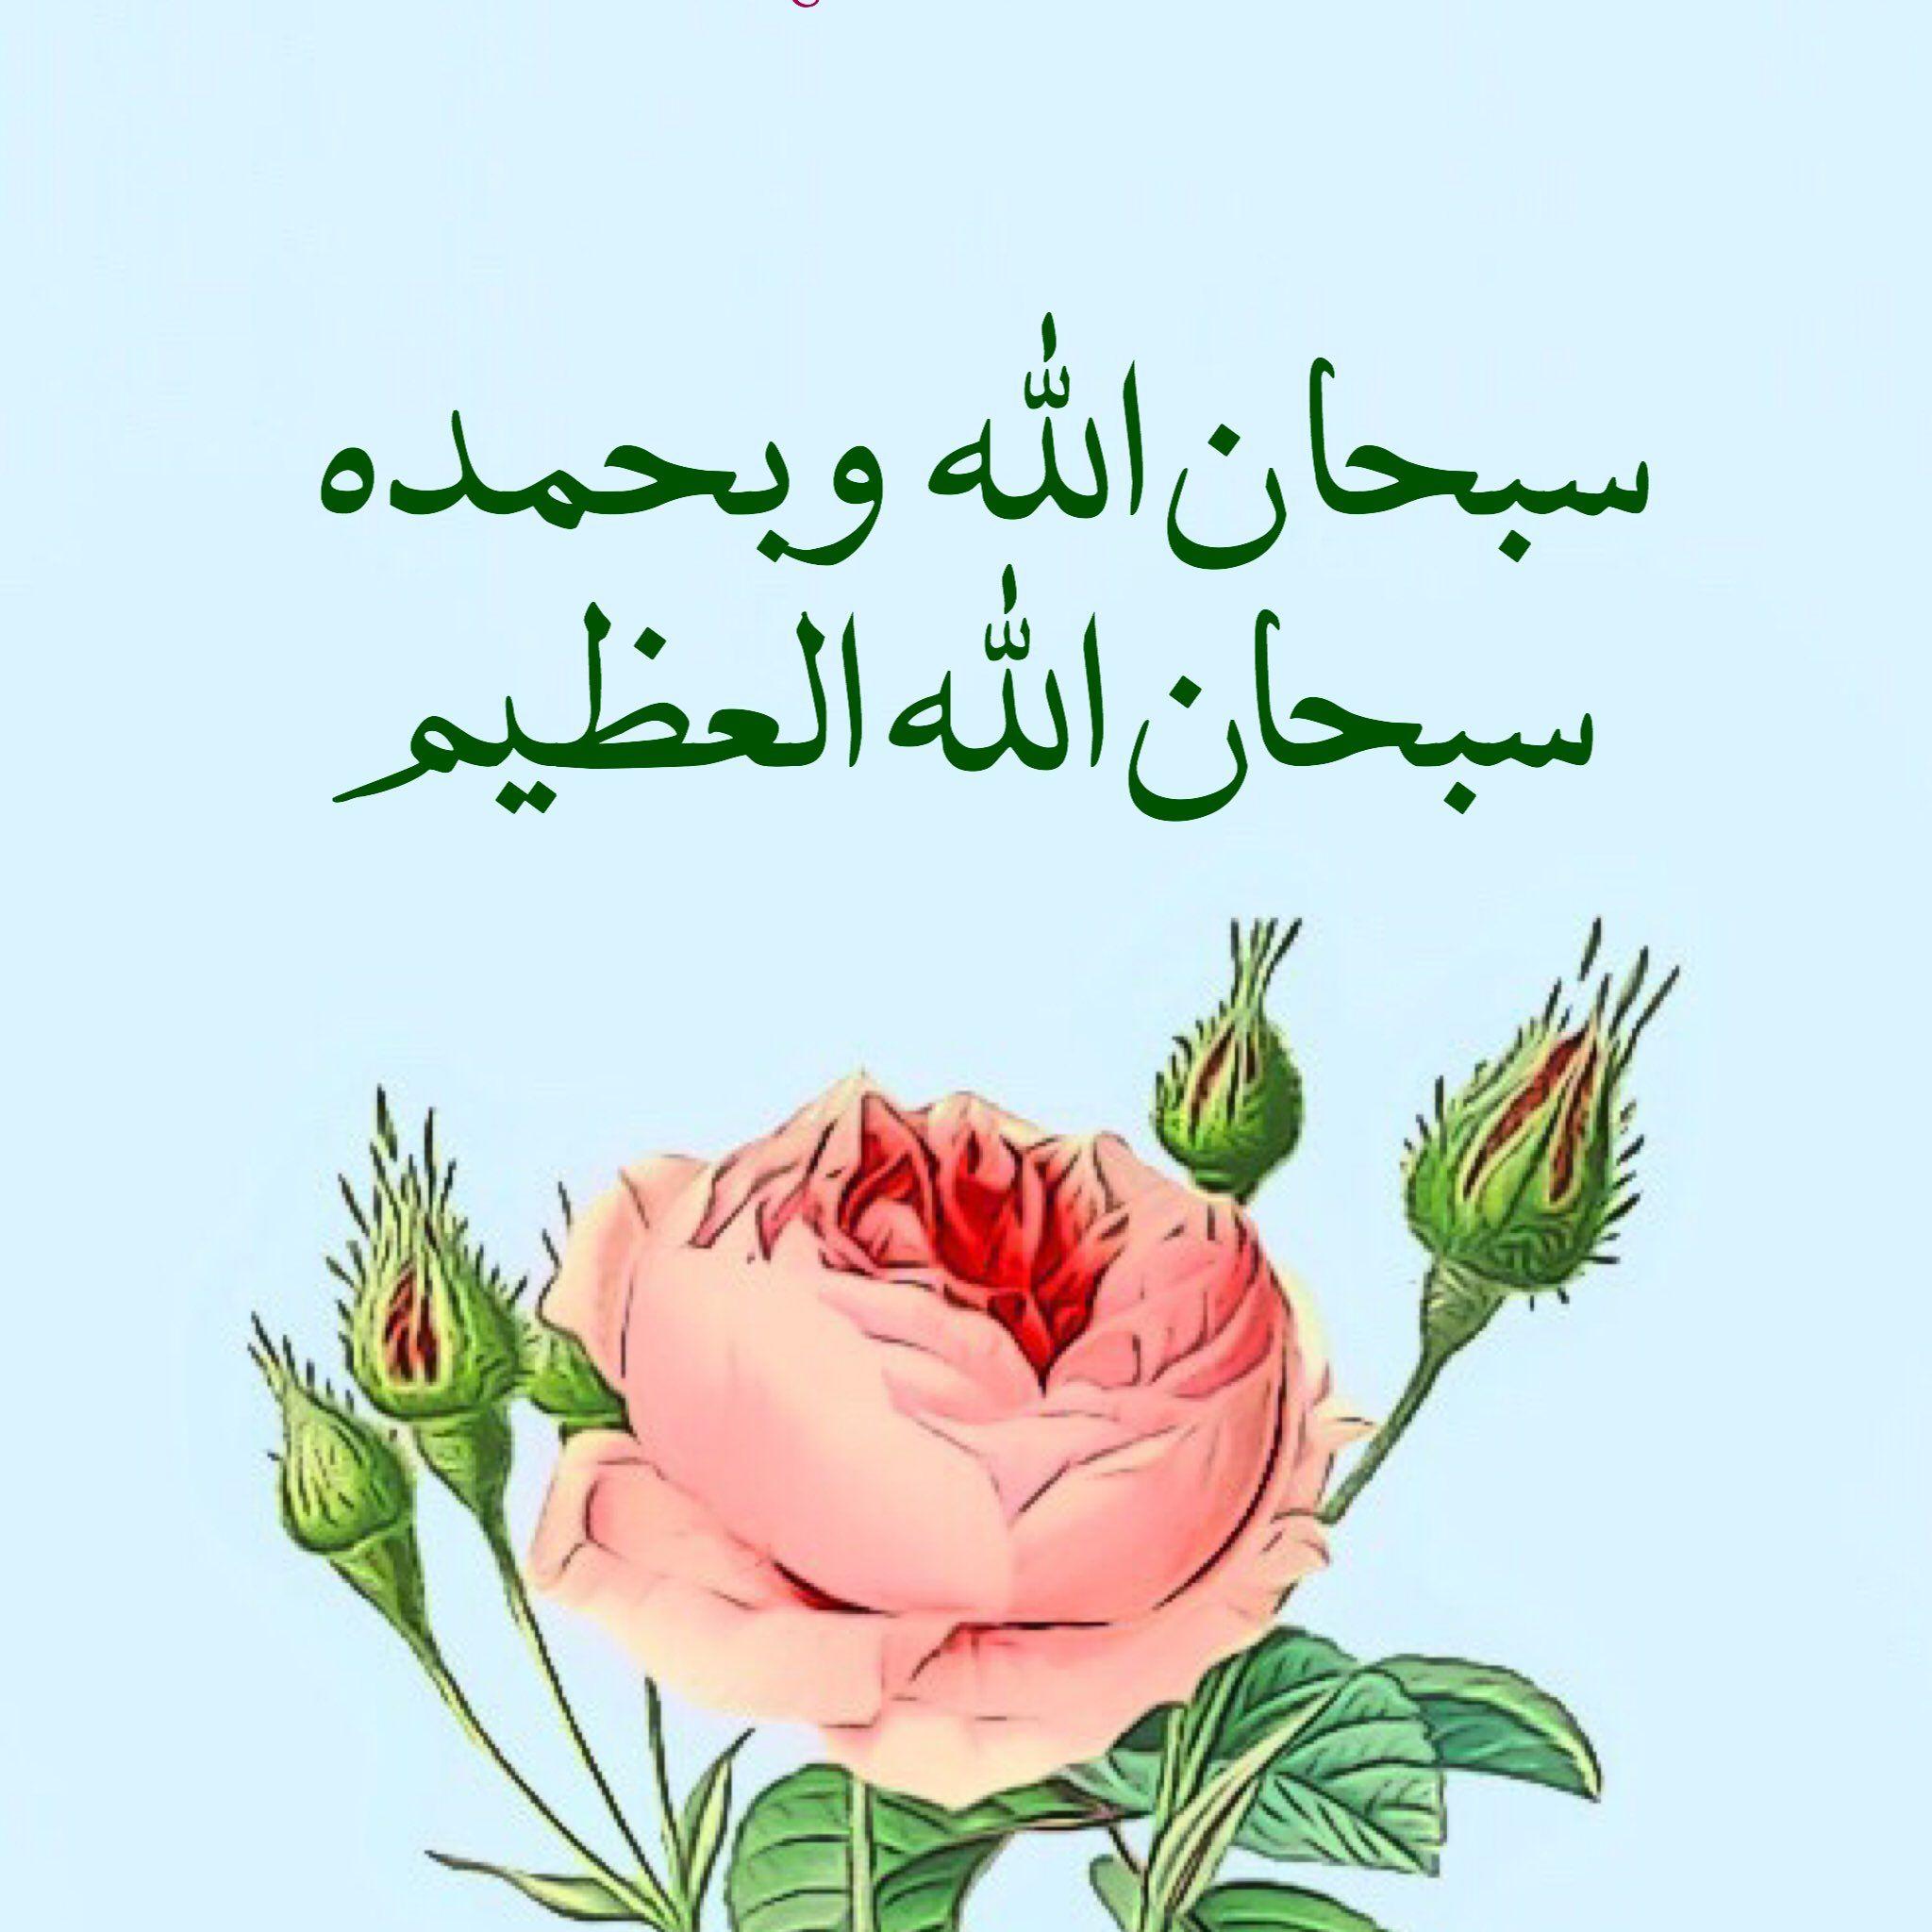 سبحان الله وبحمده سبحان الله العظيم Good Morning Flowers Rose Good Morning Flowers Morning Flowers